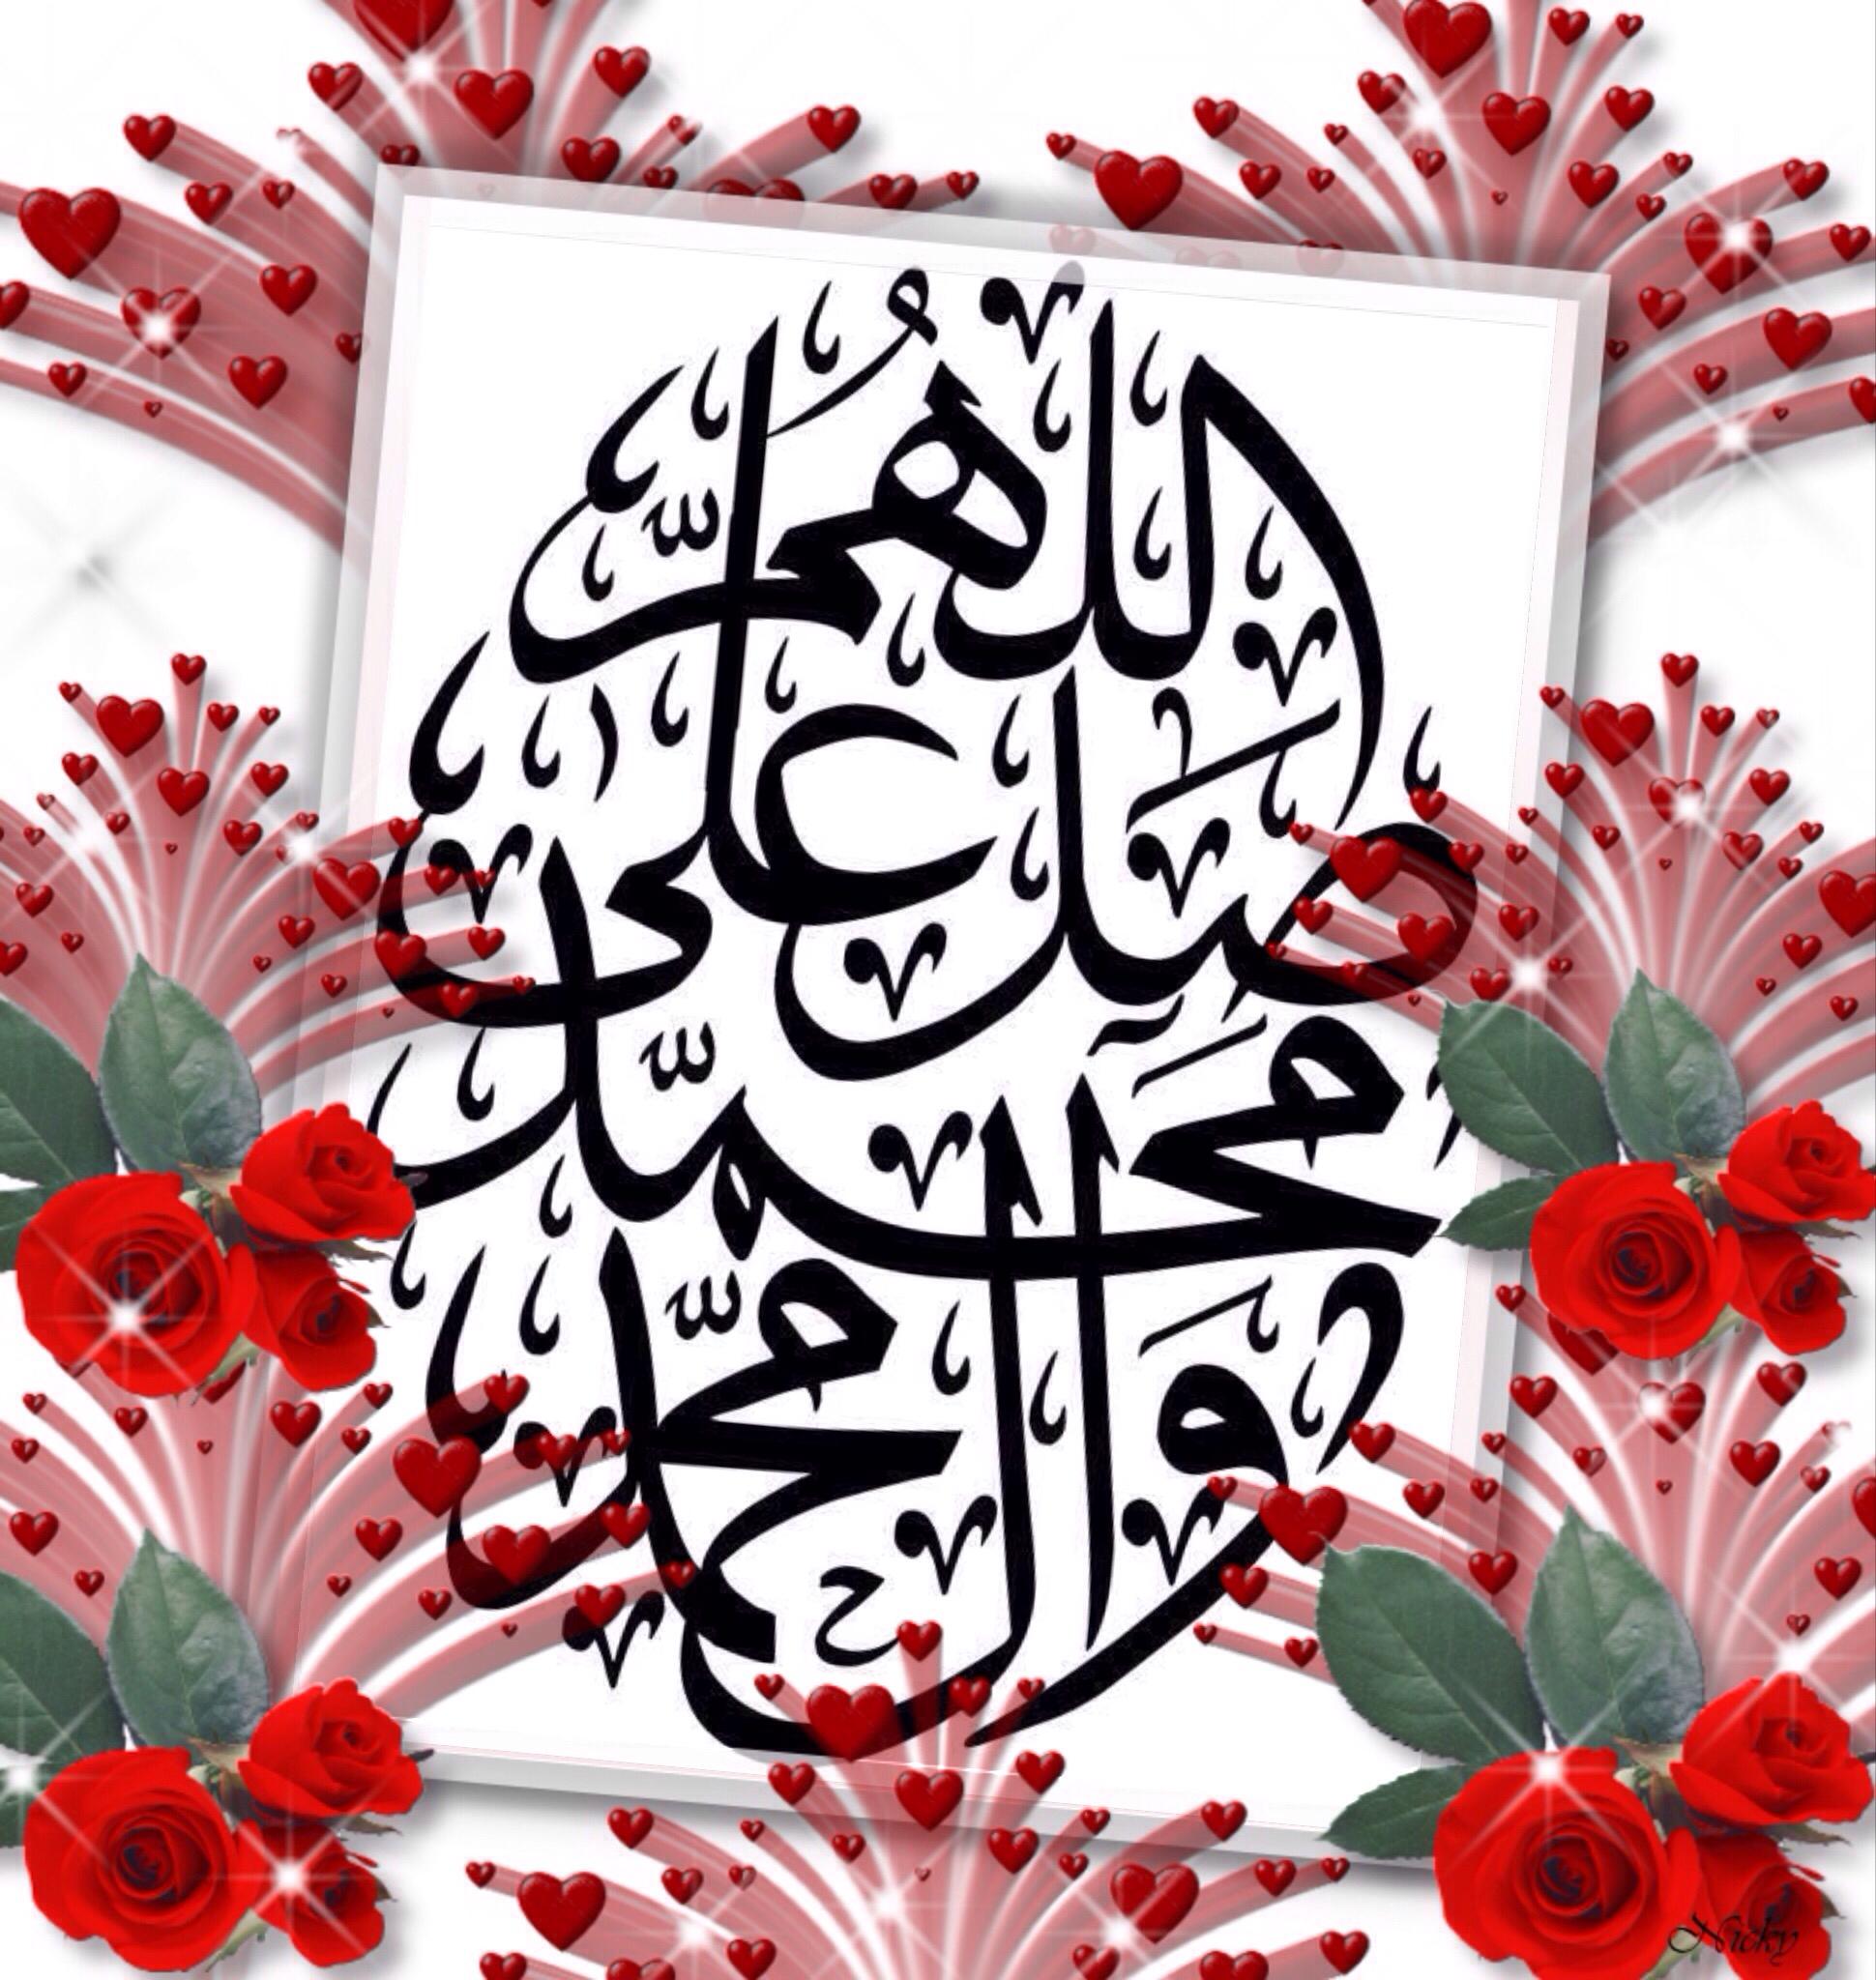 Pin By زهرة علي On اللهم صل على محمد وآل محمد٢ Novelty Sign Decor Alhamdulillah